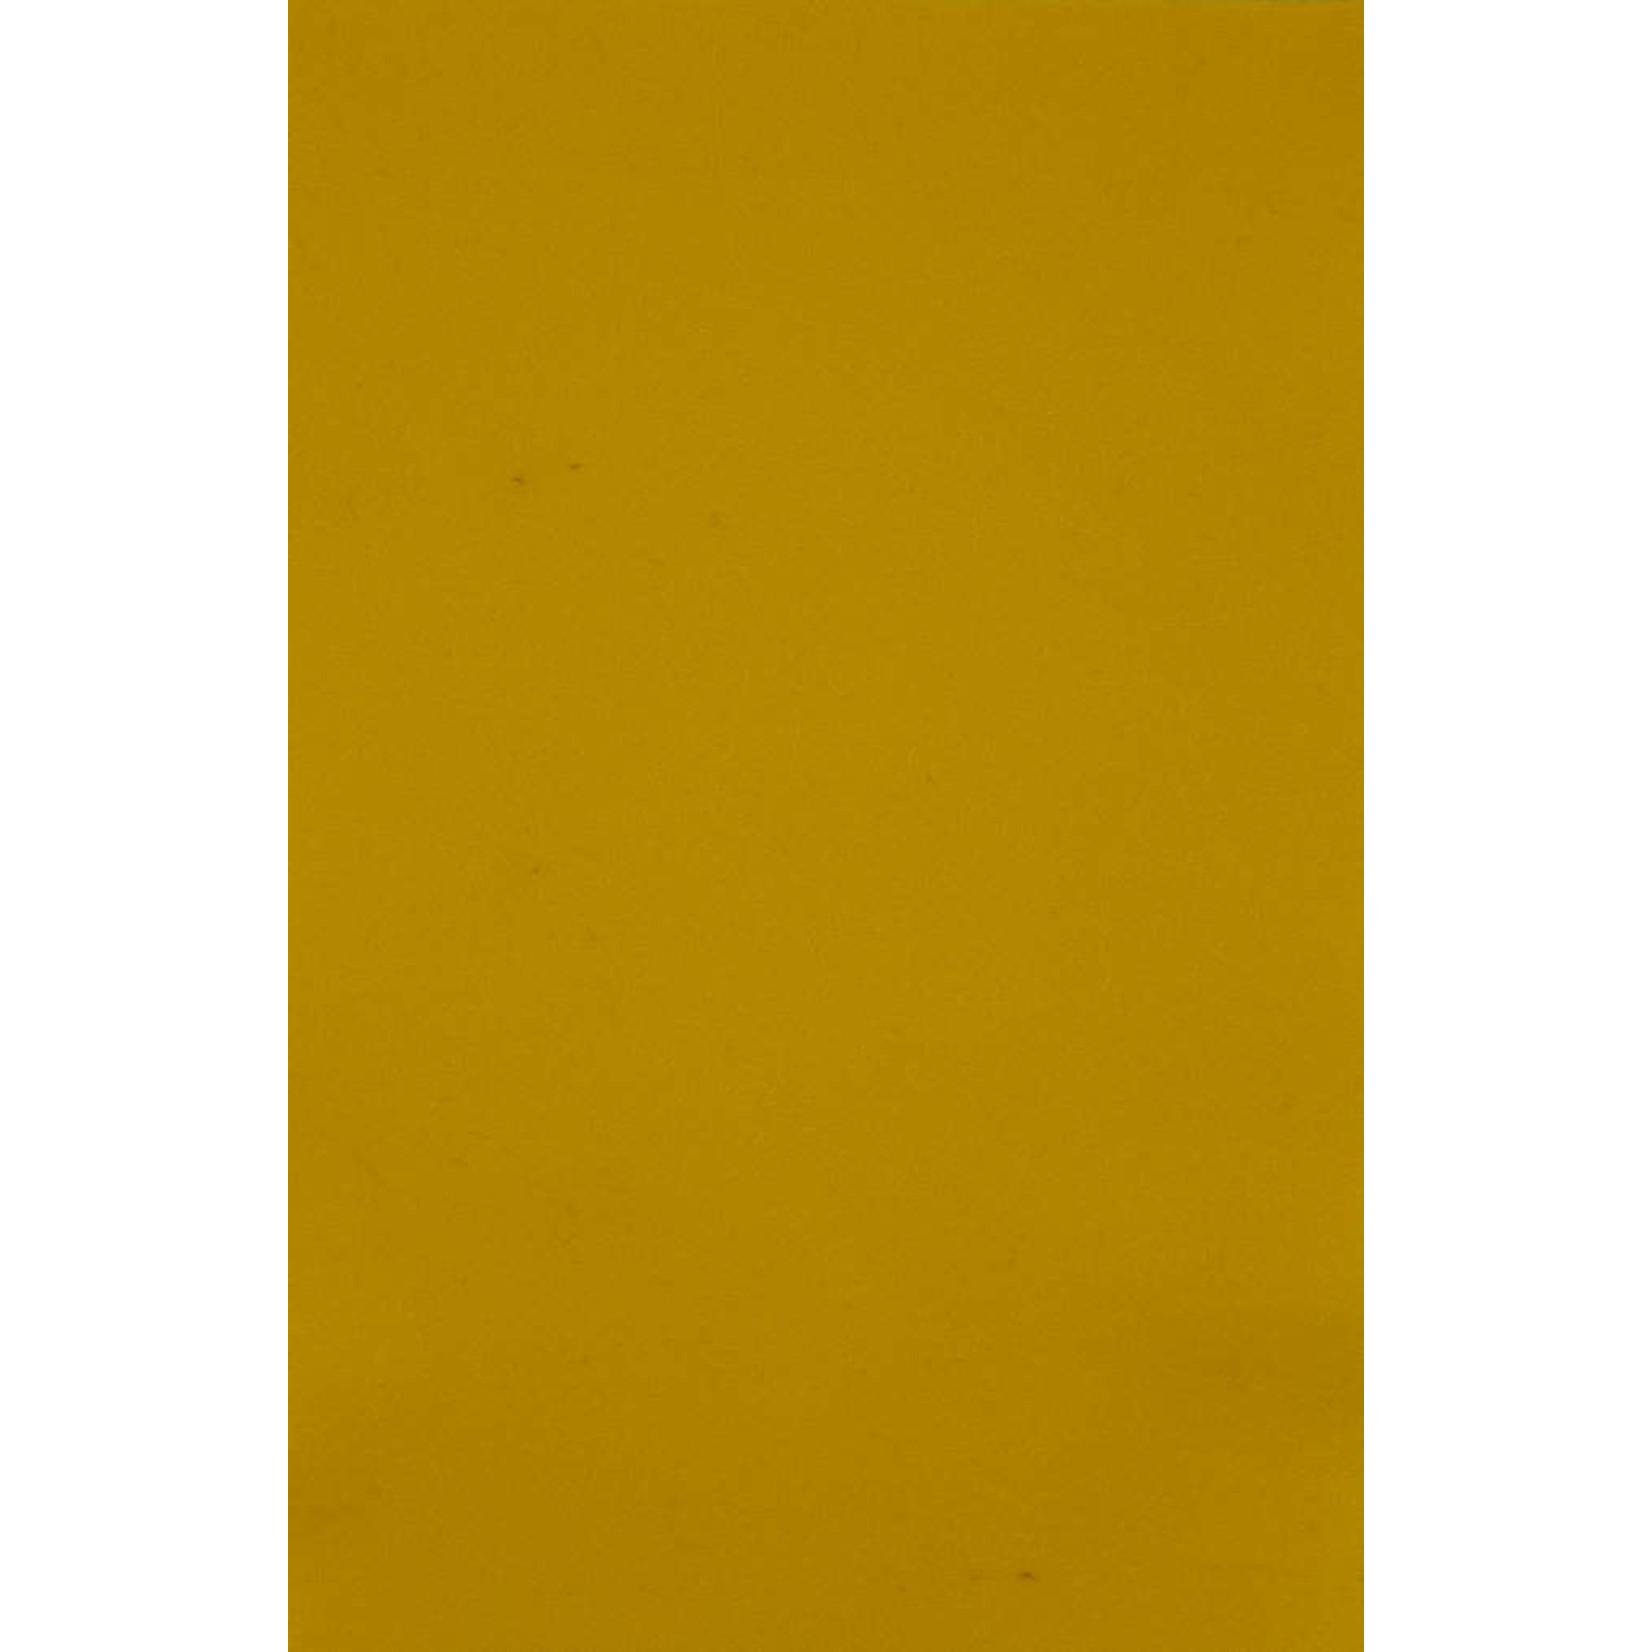 HollandFelt Wolvilt - lapje 20 x 30 cm. - kleur 02  Citroengeel - zuiver scheerwol- 1 mm. dik